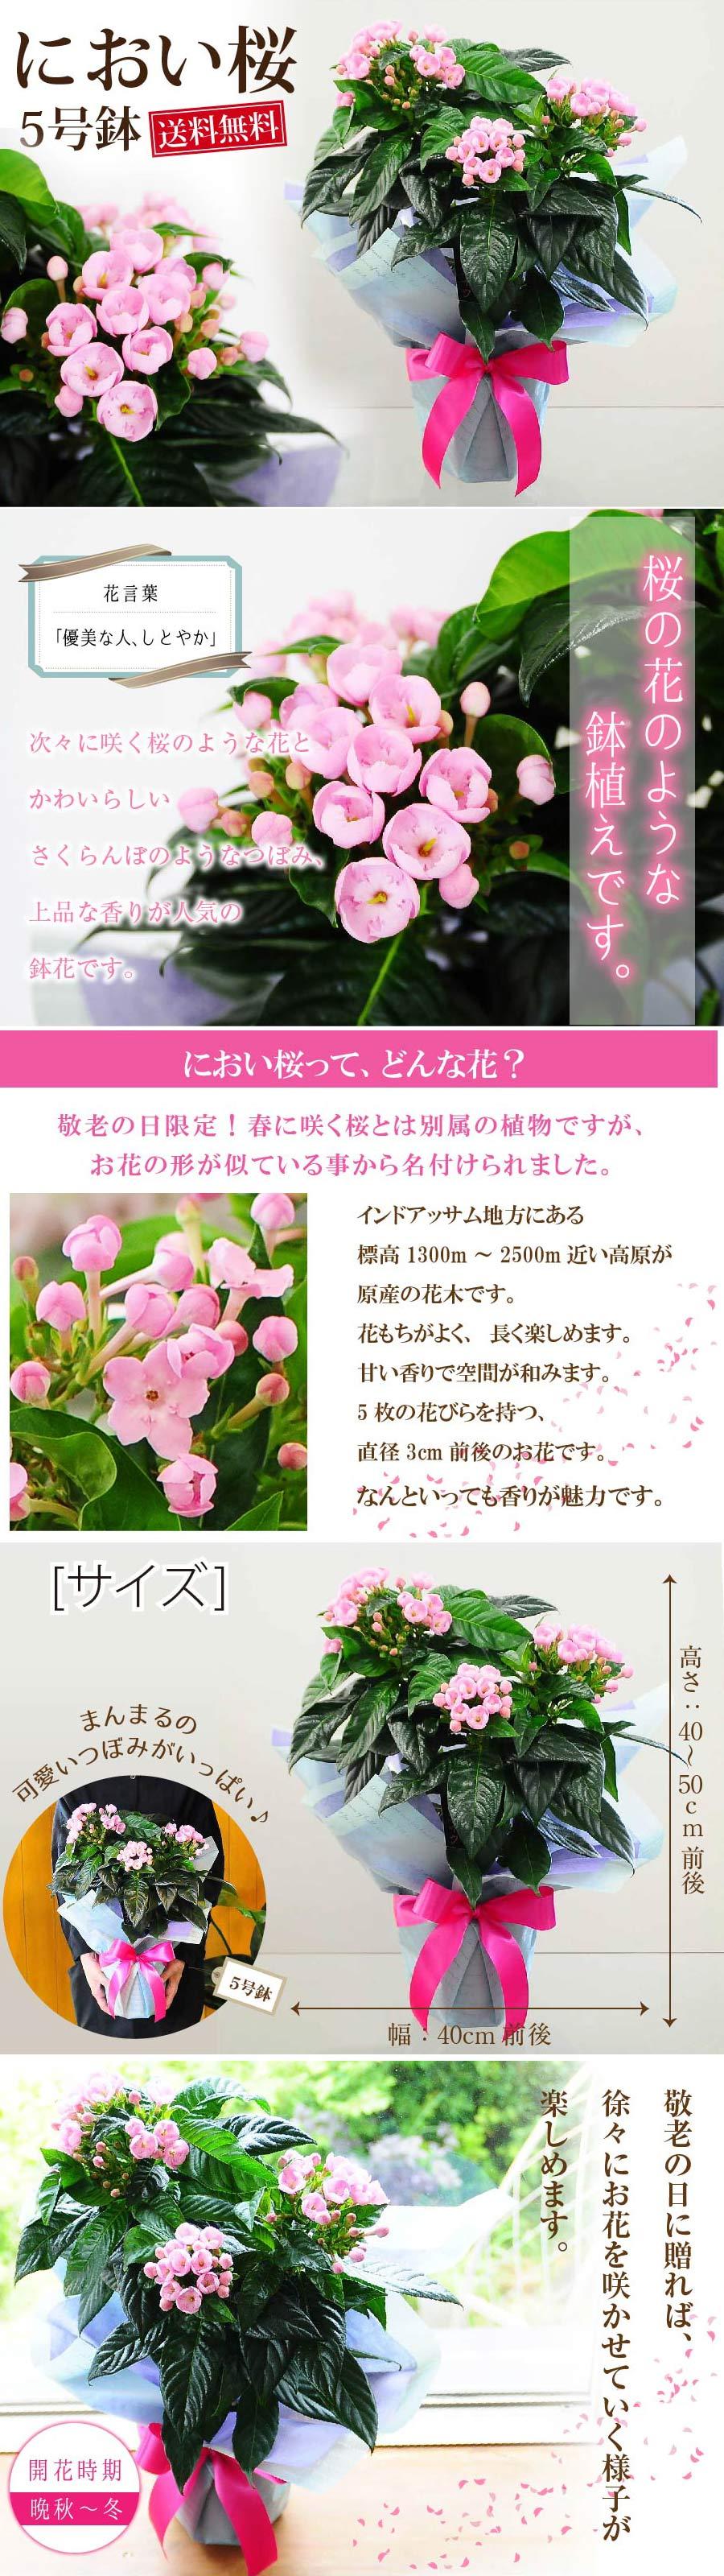 【敬老の日】におい桜。桜の花のような鉢植えです。